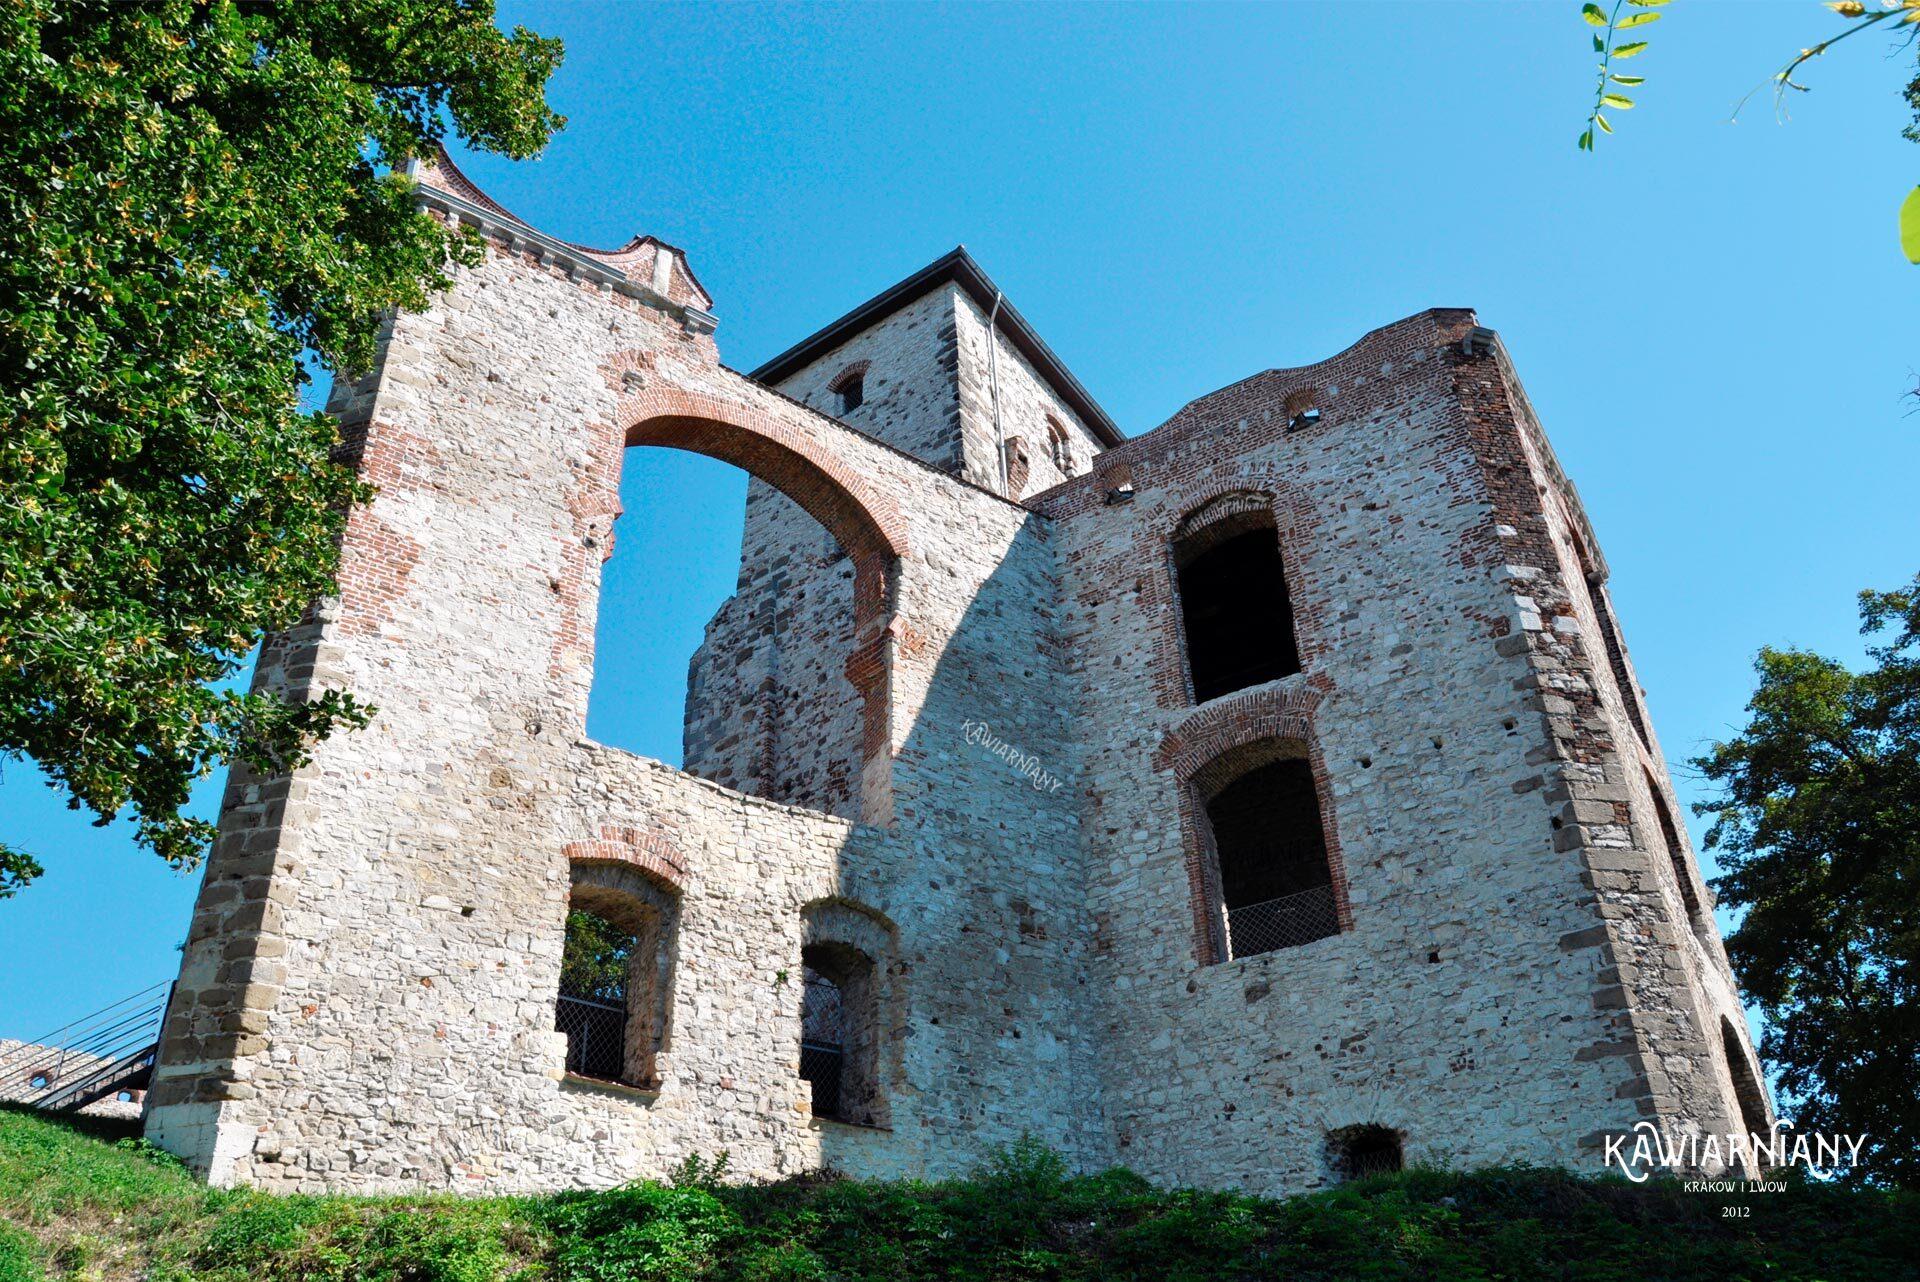 zwiedzanie zamku tenczyn w rudnie